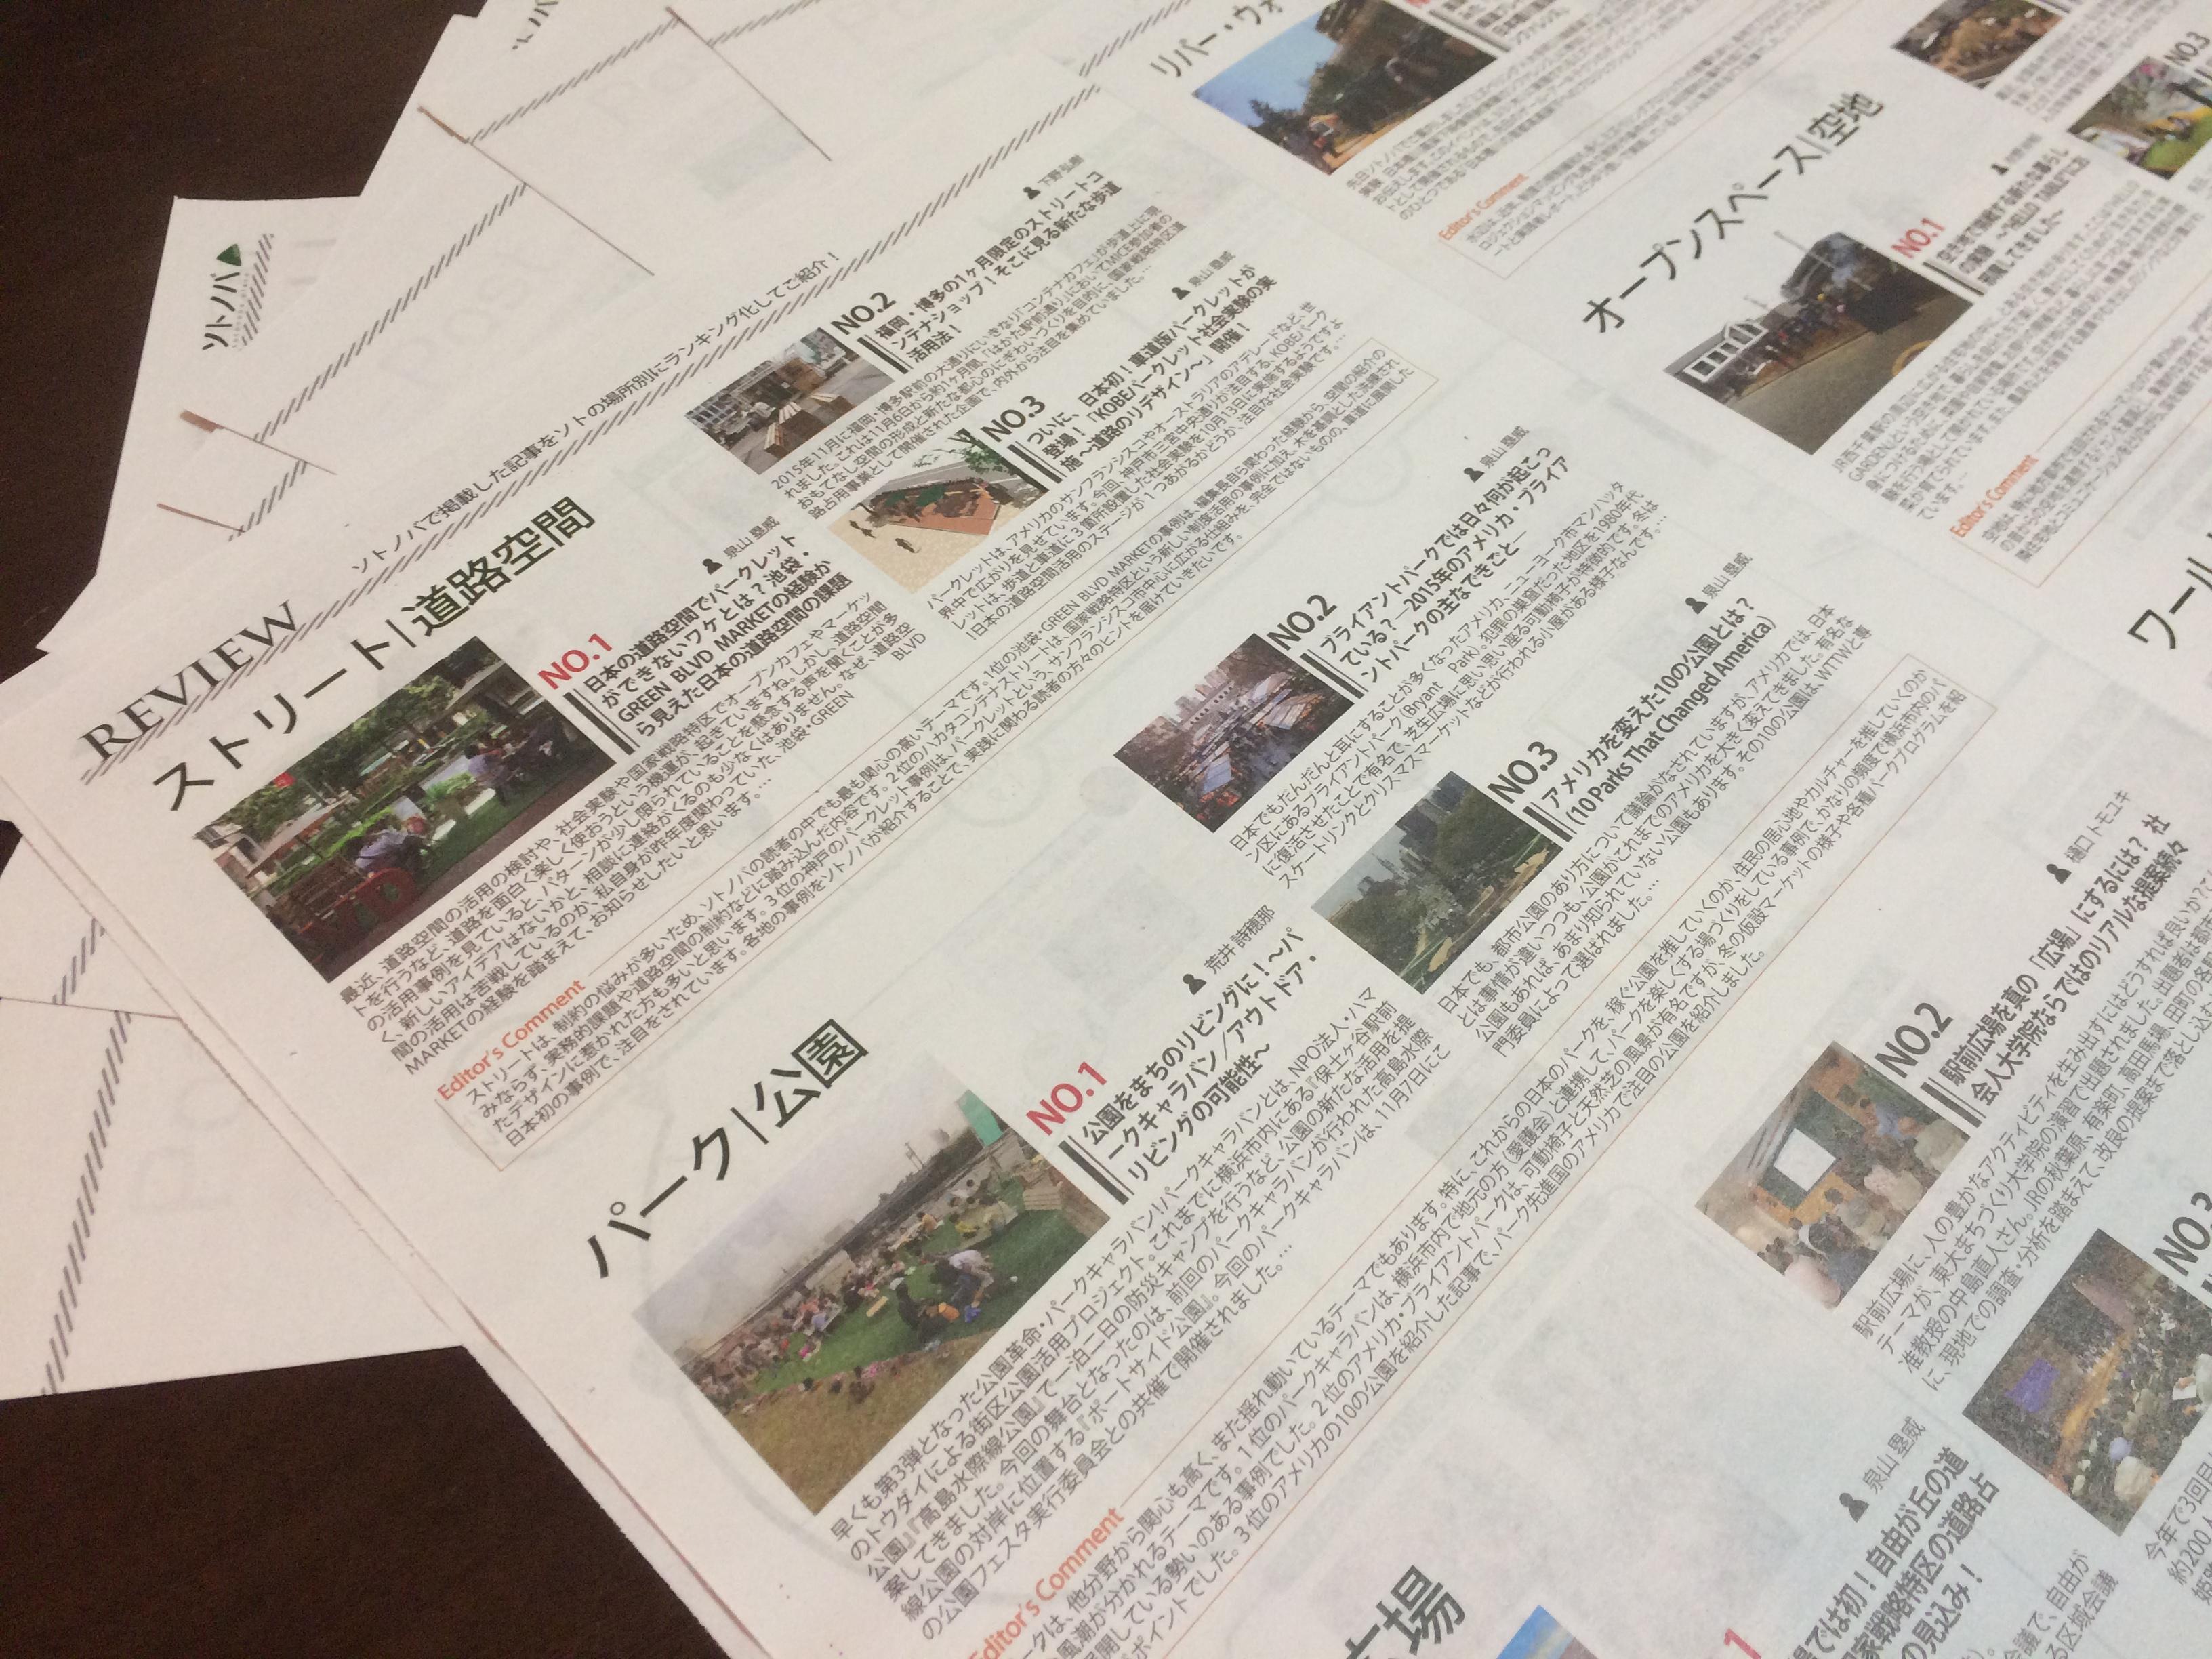 ソトノバ記事ランキングトップ3(カテゴリ別)